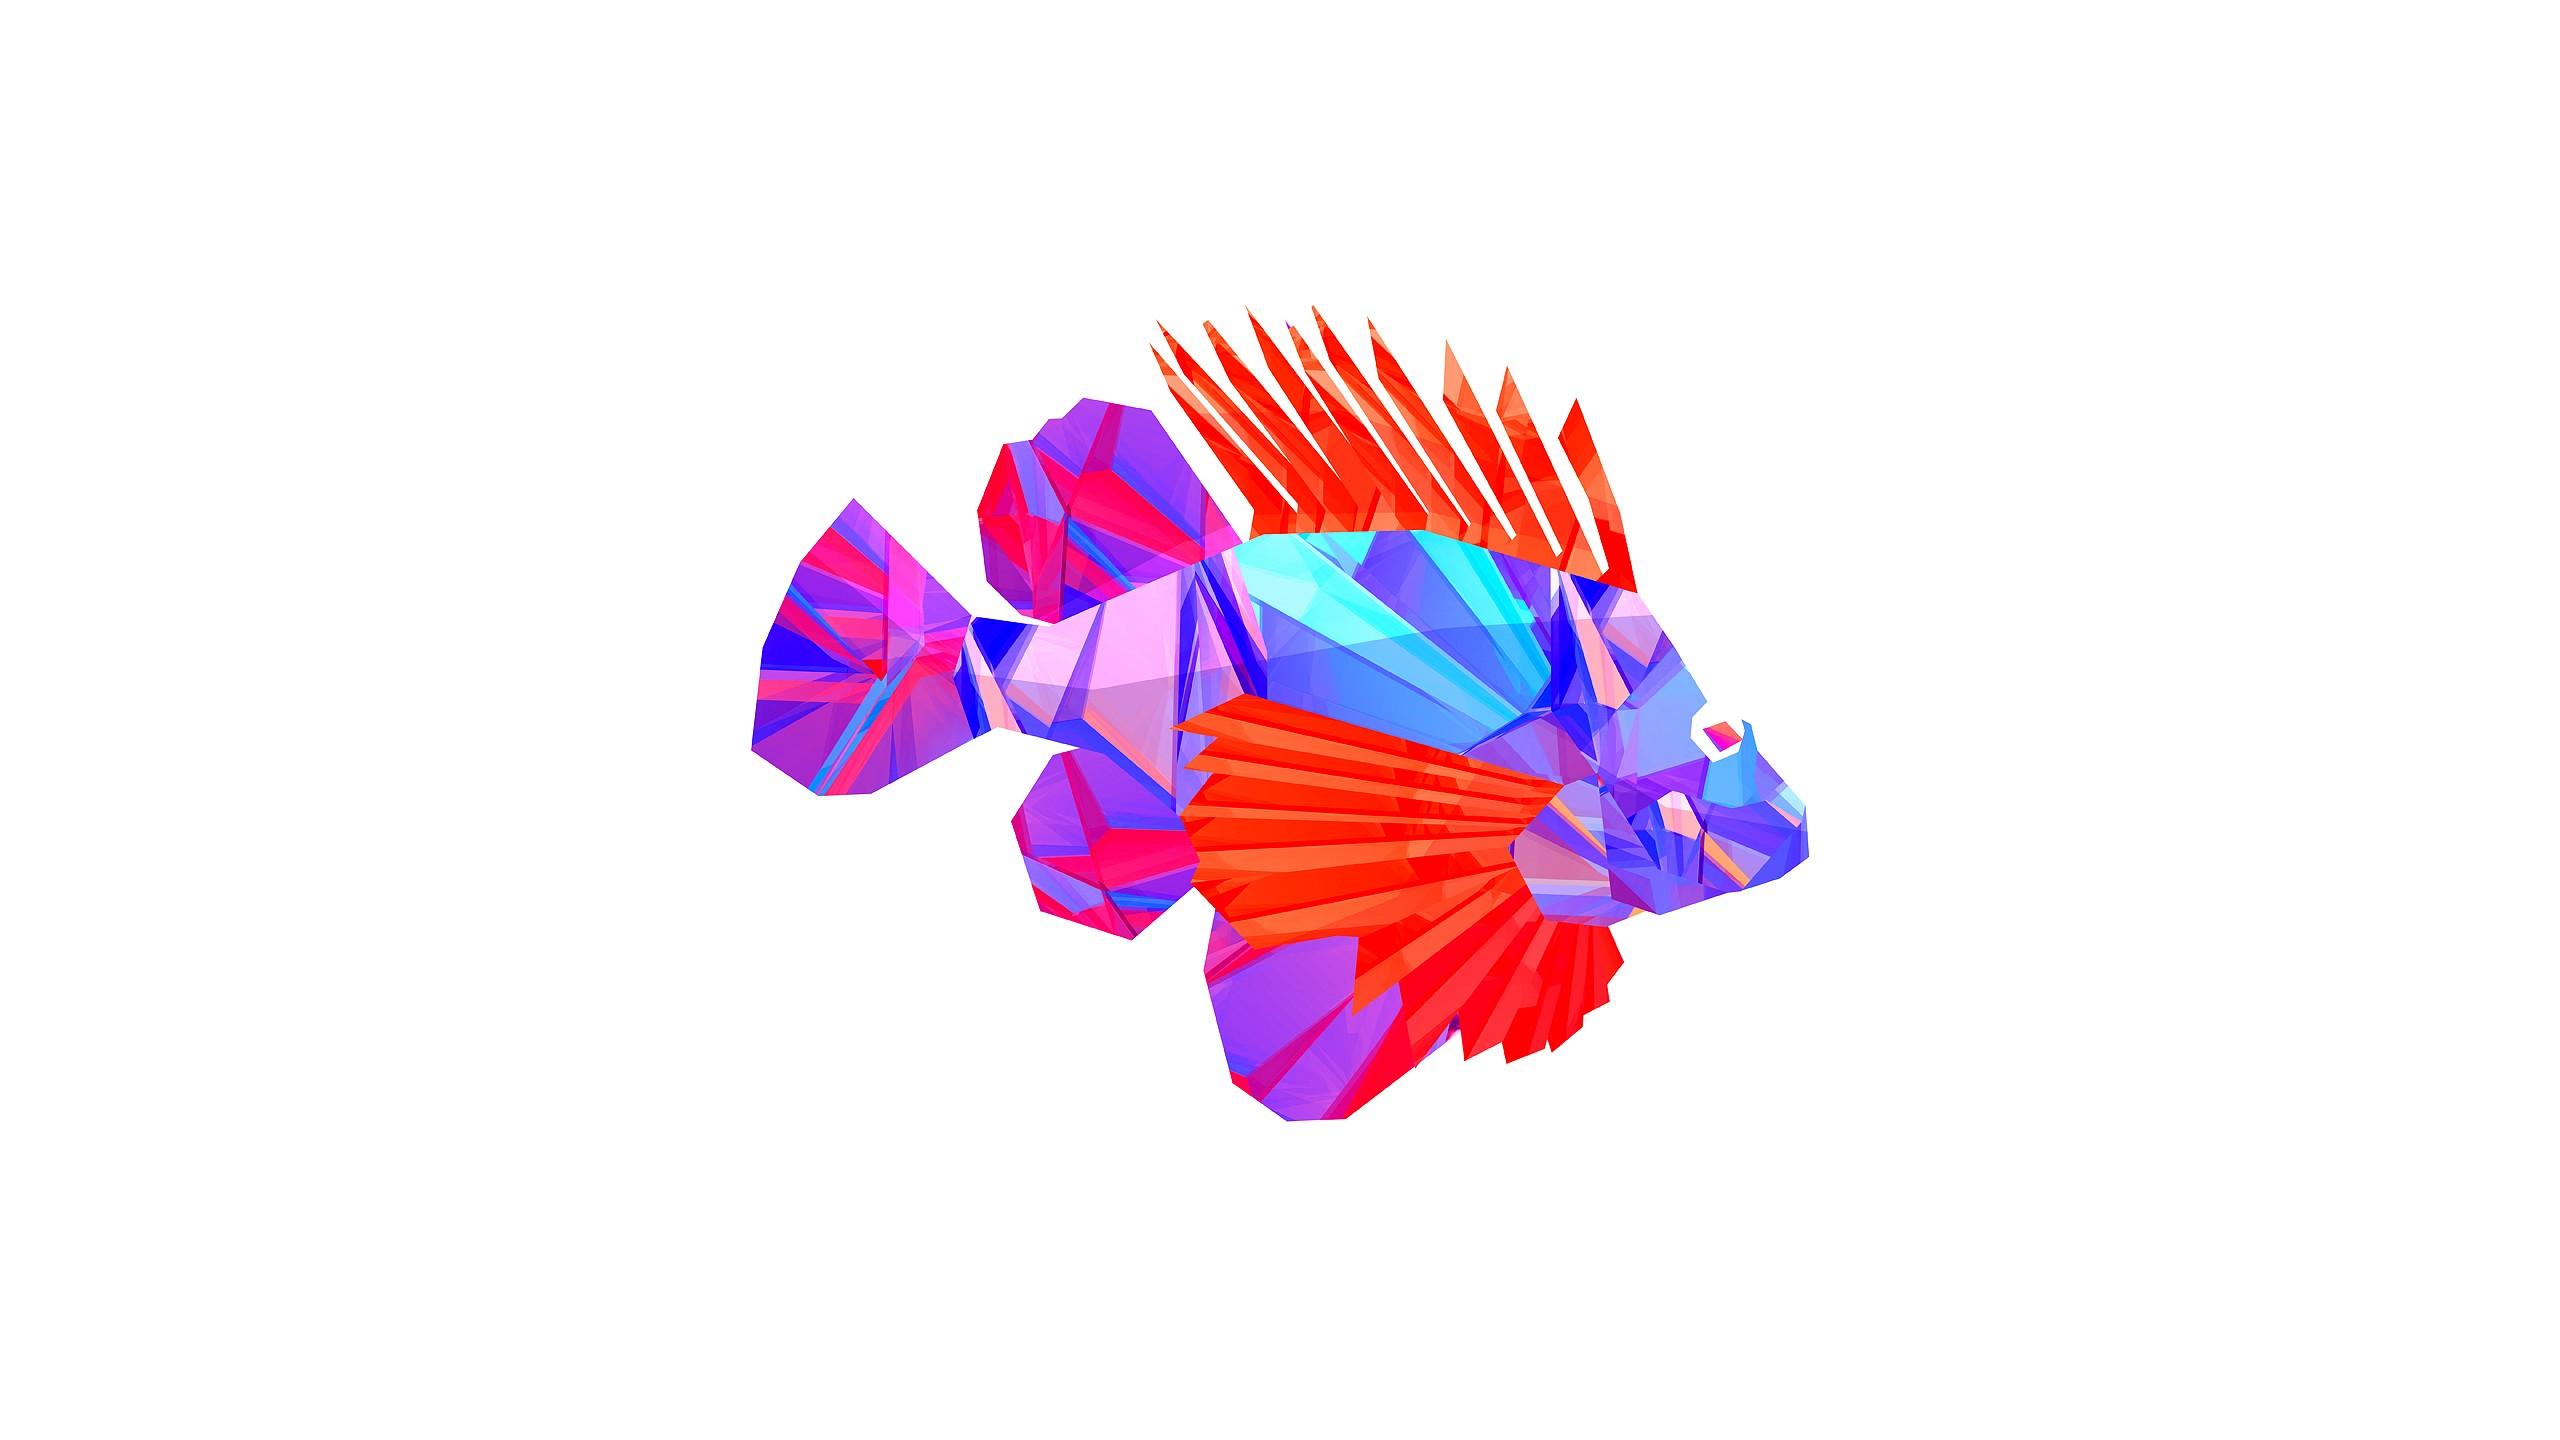 Digital Art Animals Fish Facets Justin Maller Flower Petal